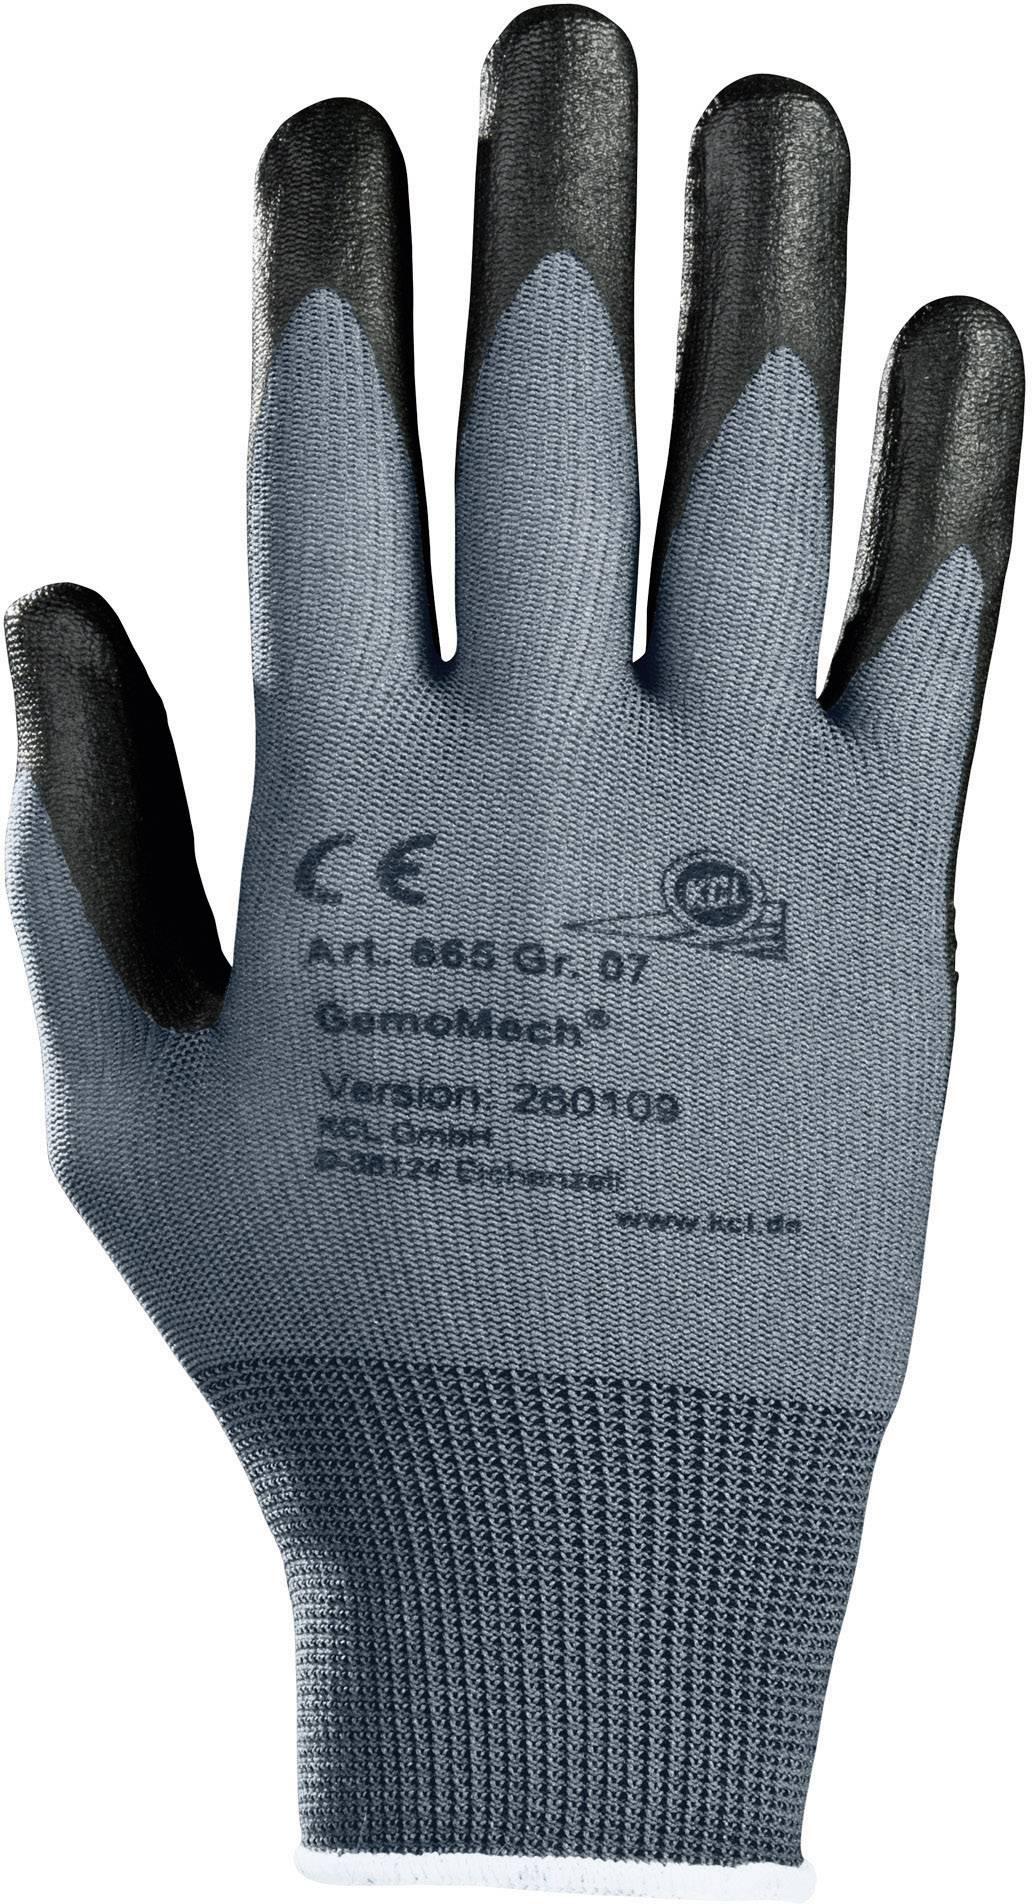 Pracovní rukavice KCL GemoMech 665 665, velikost rukavic: 9, L